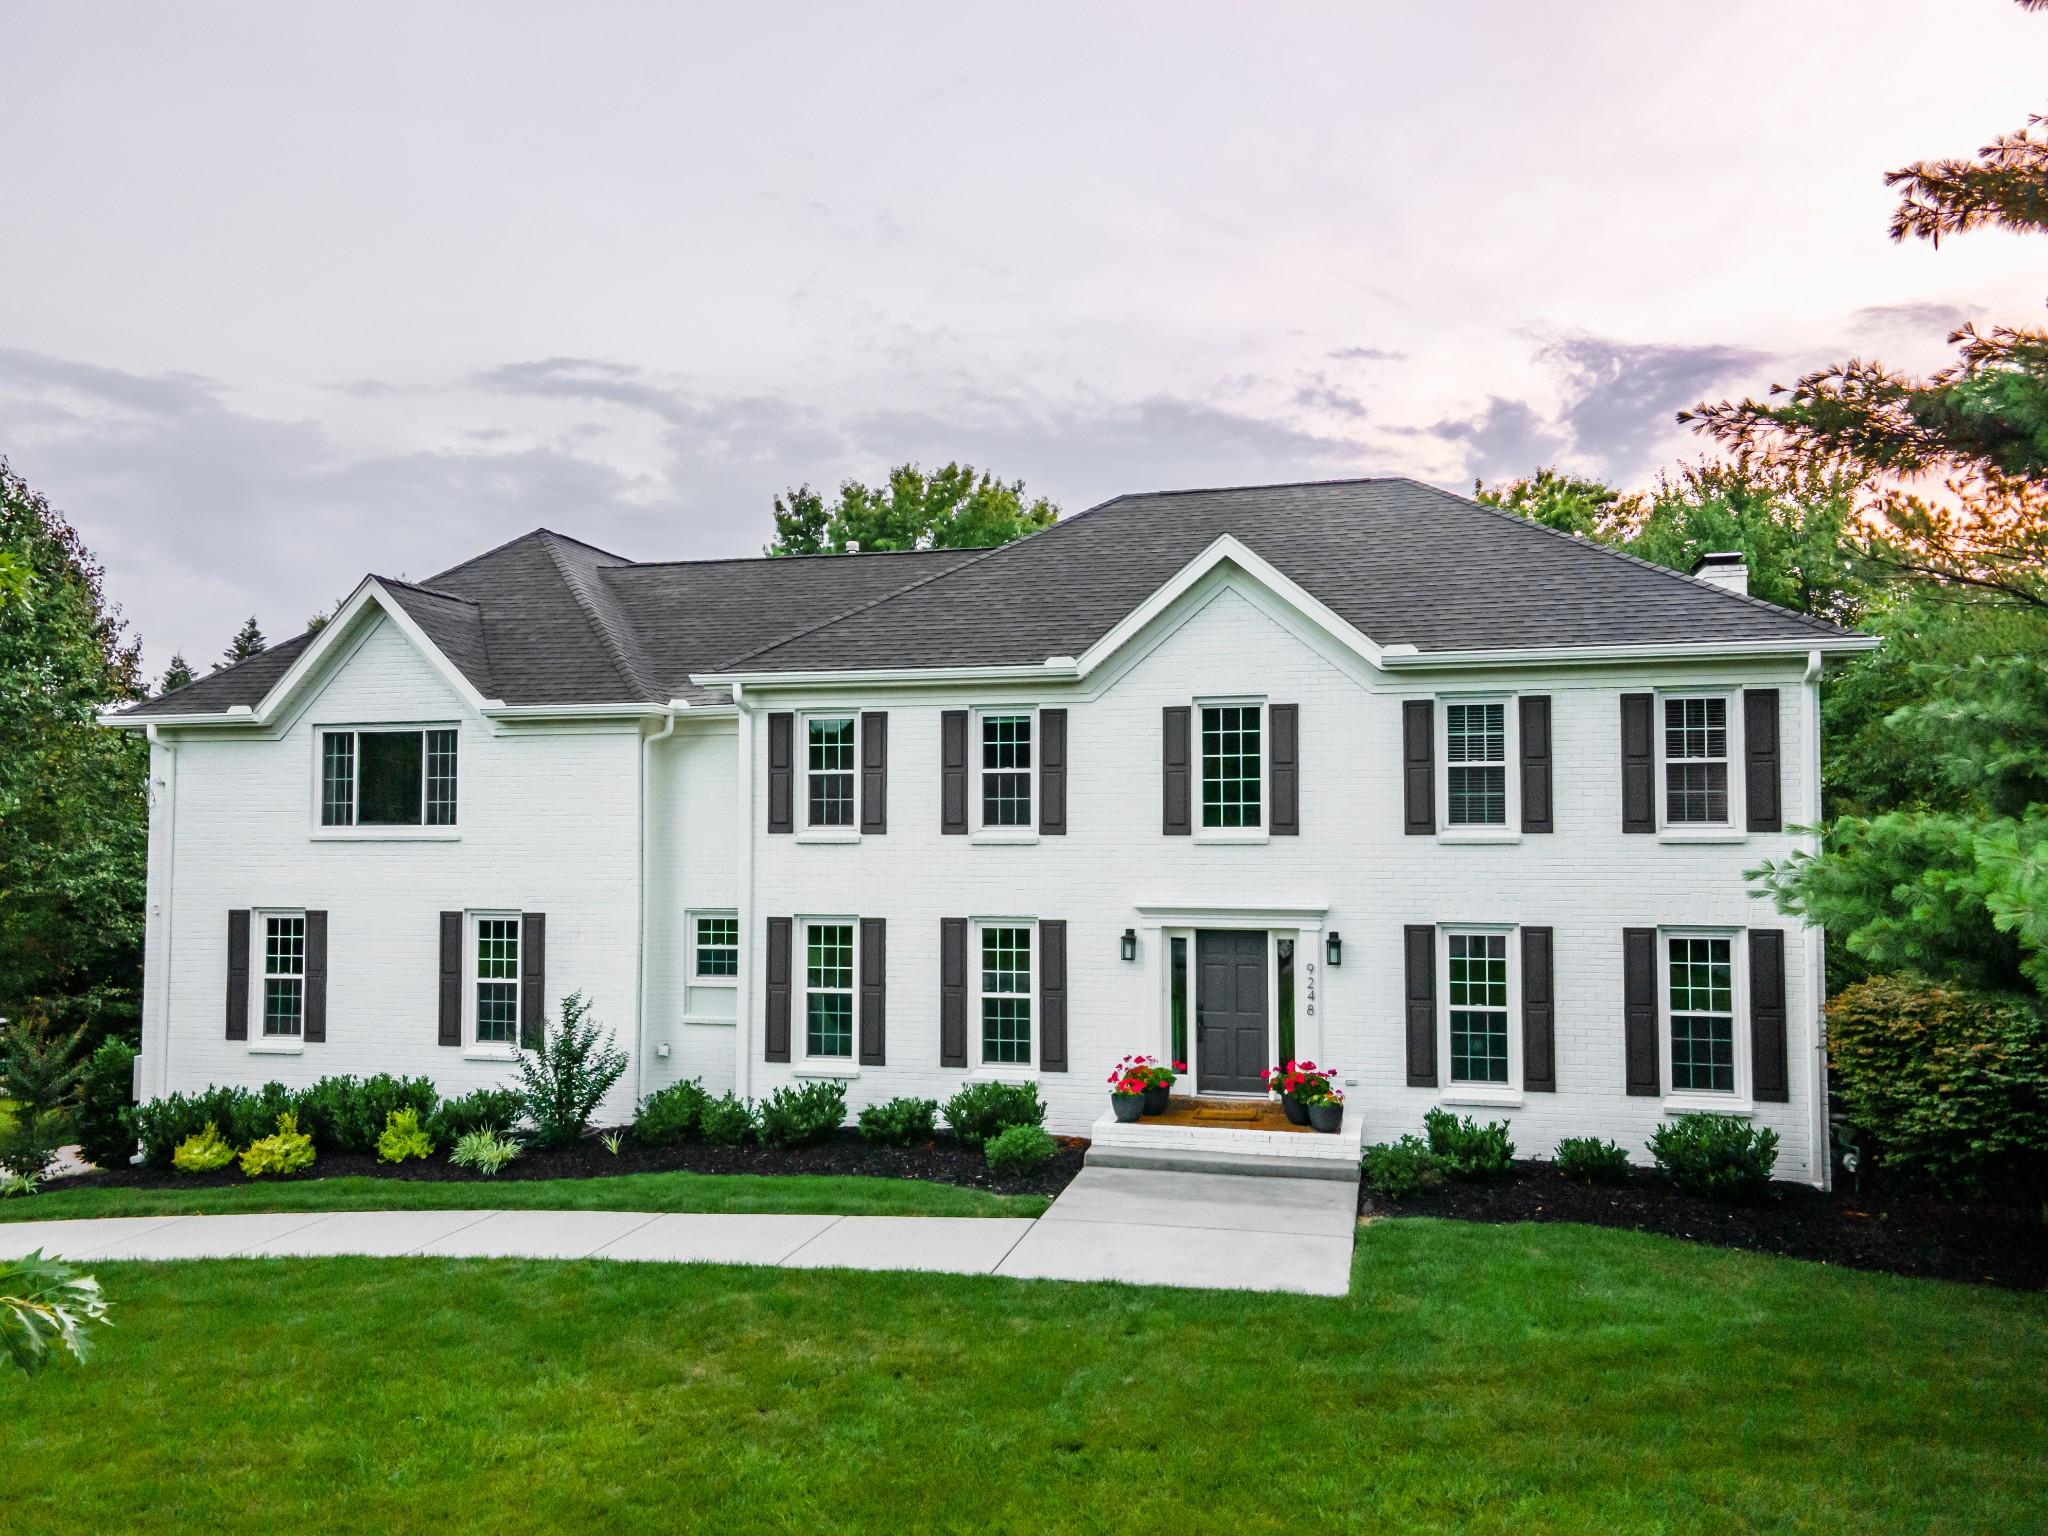 9248 Brushboro Dr Property Photo